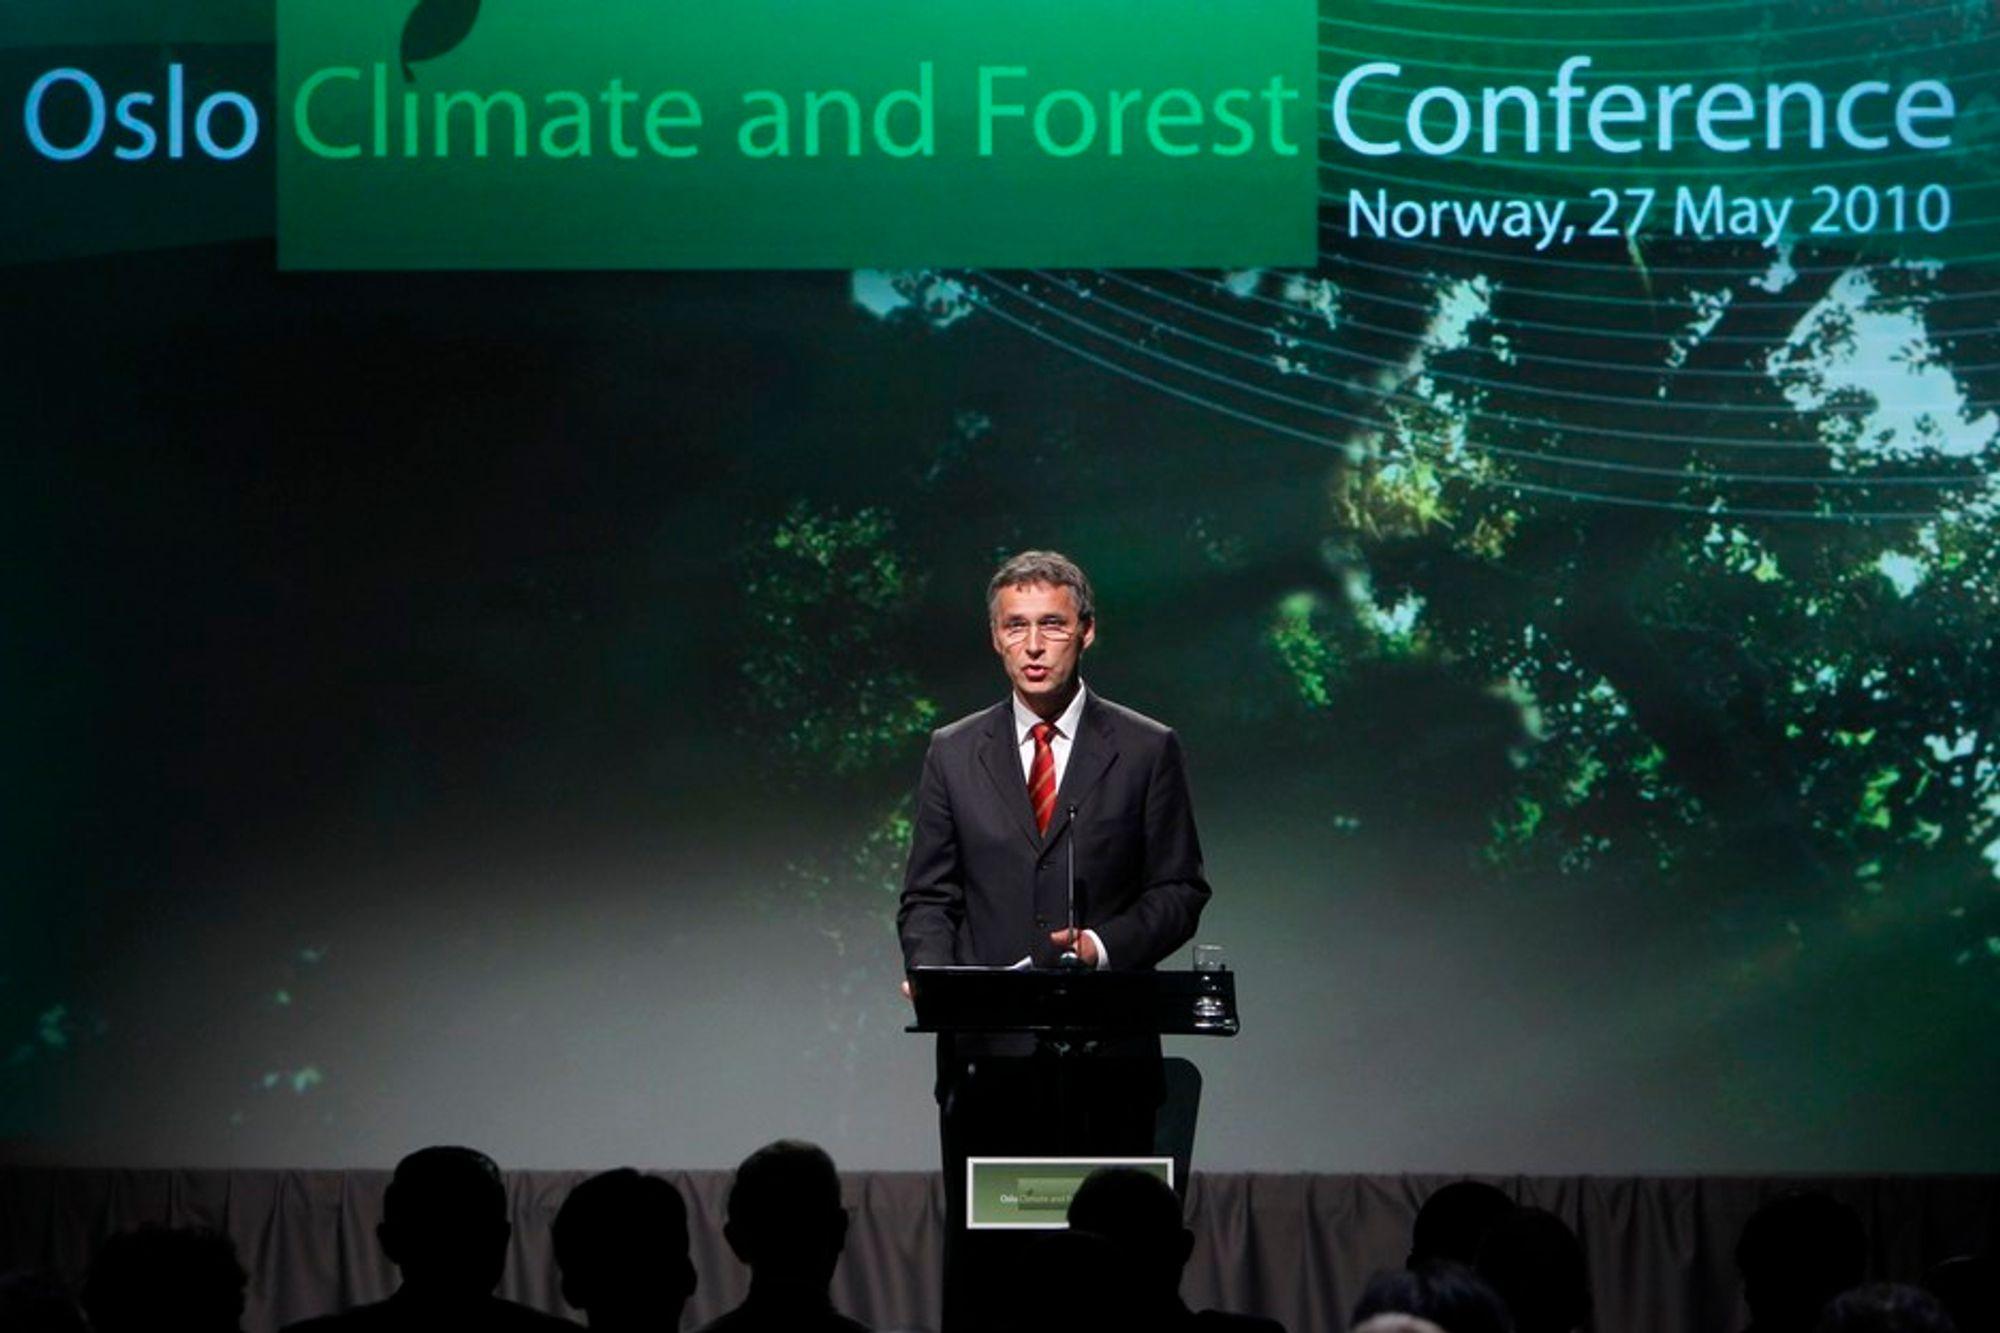 Statsminister Jens Stoltenberg på talerstolen under Oslo Climate and Forest Conference torsdag formiddag.